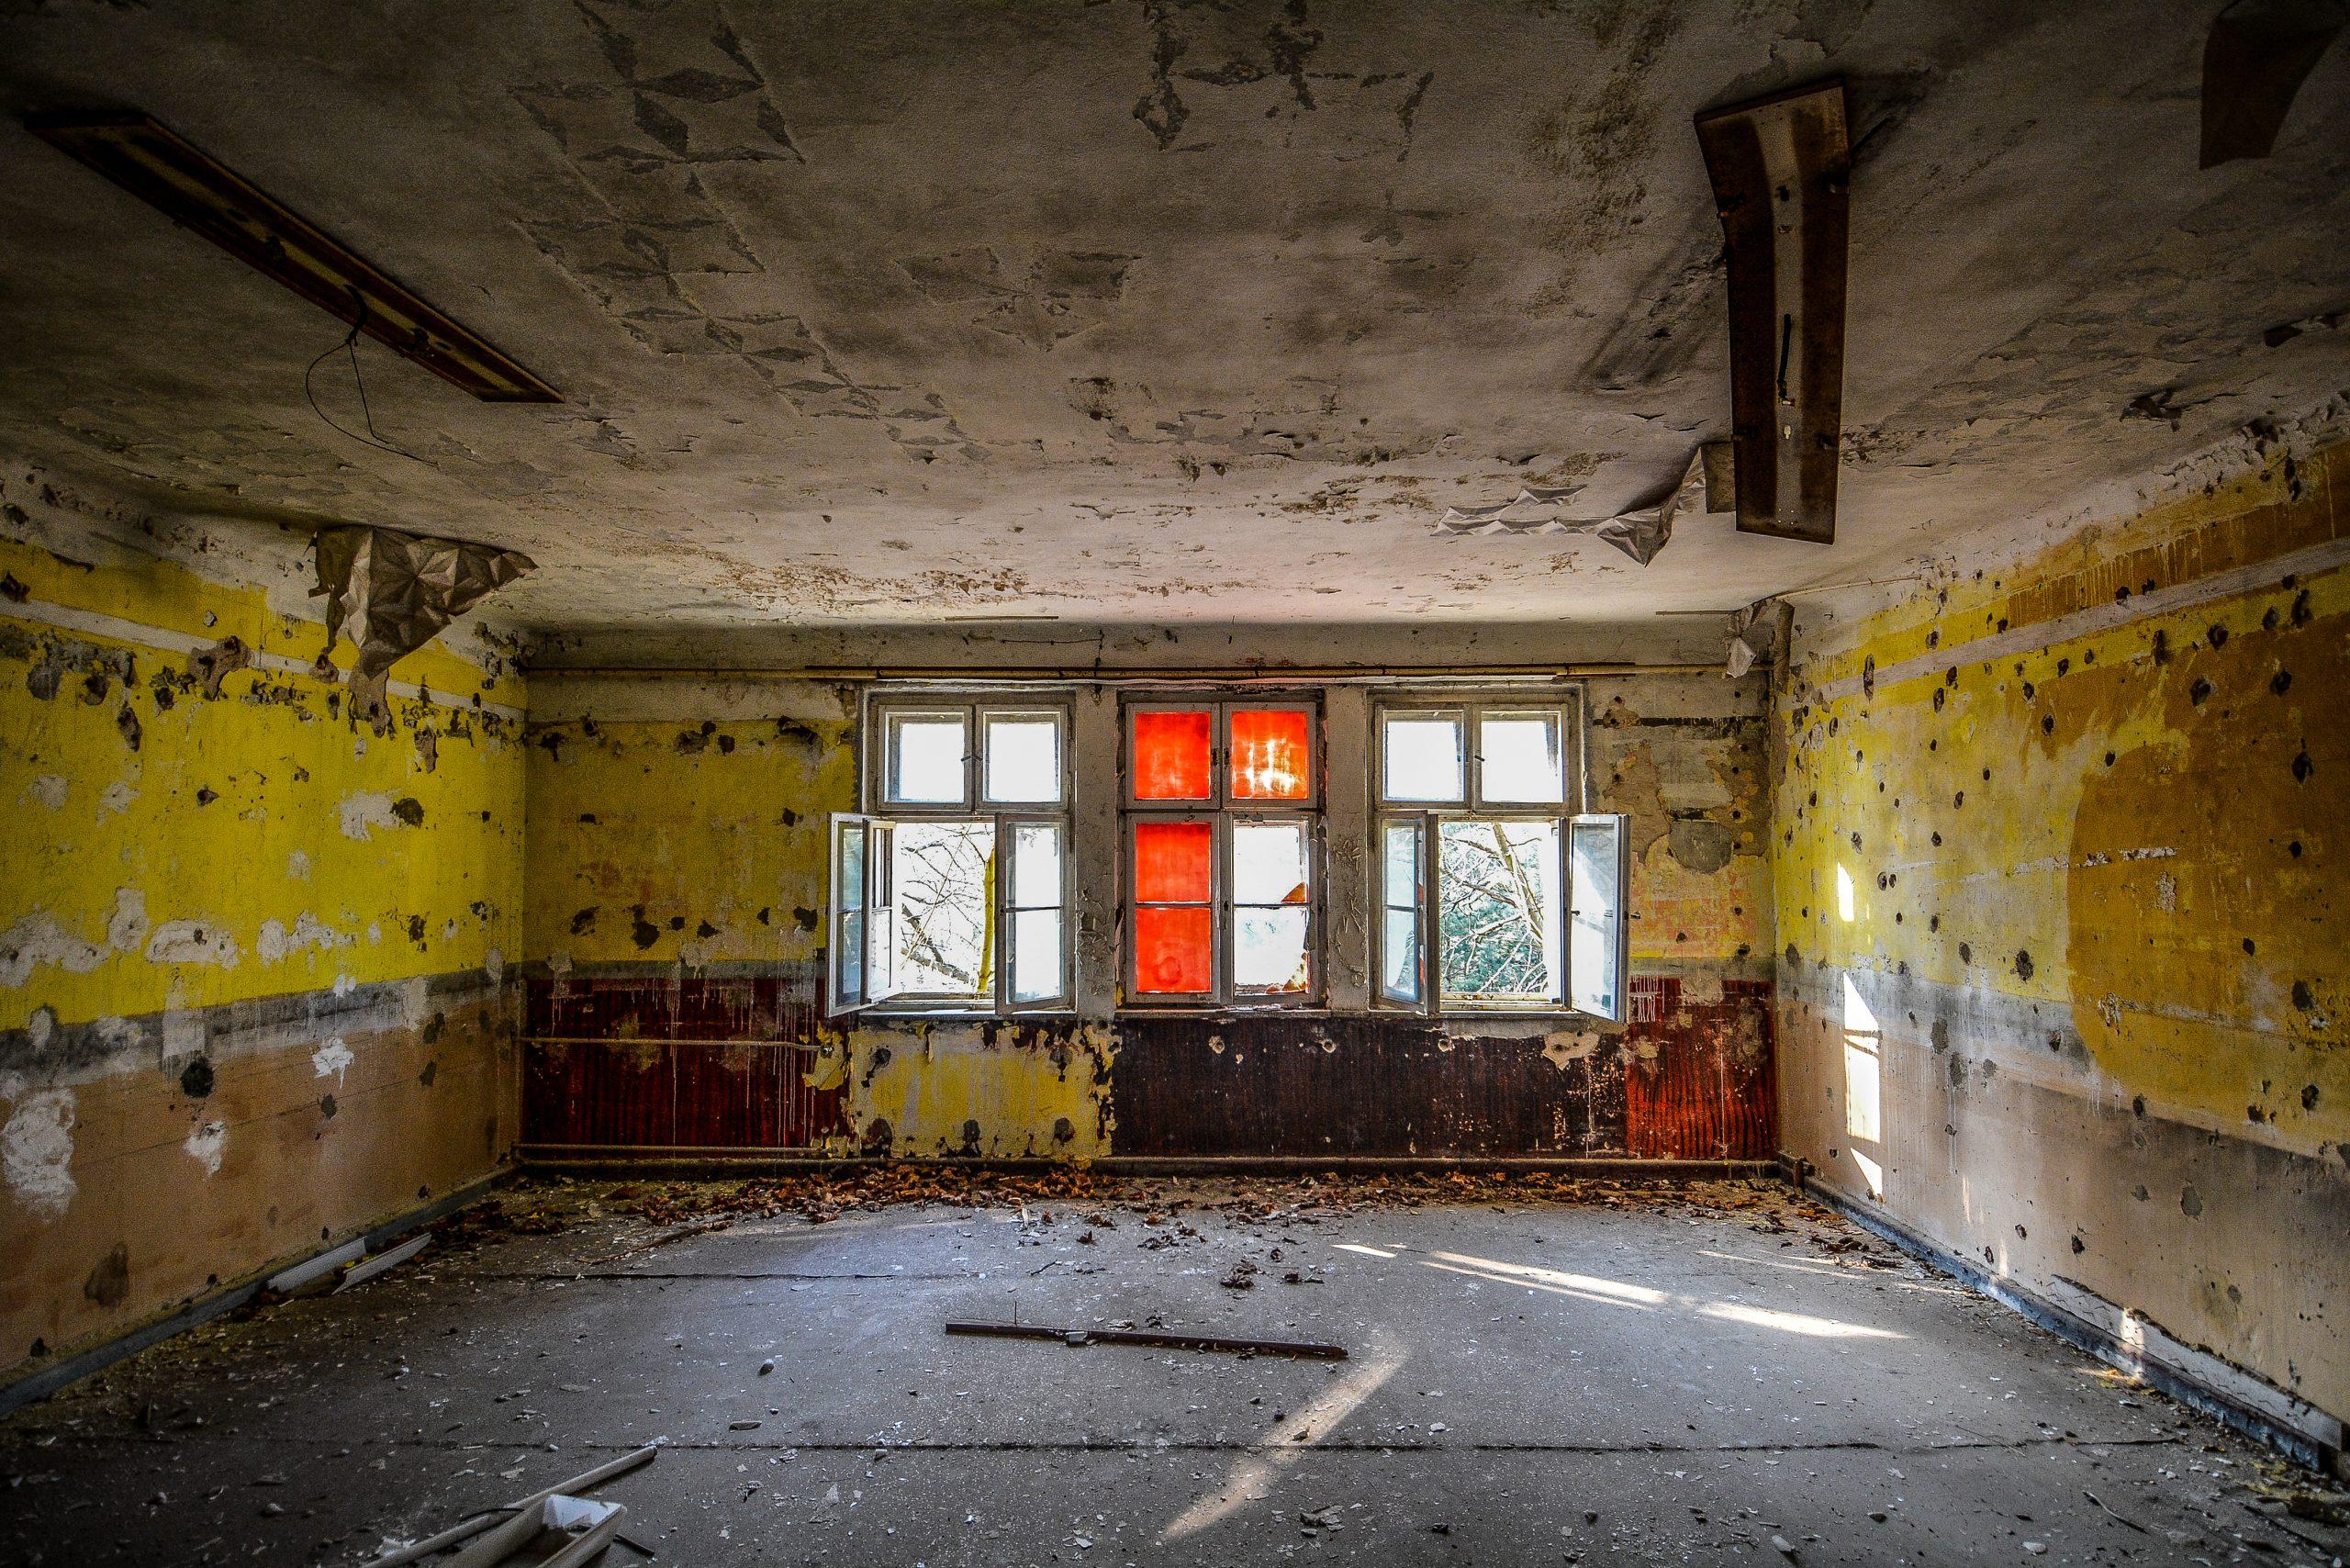 red window forst zinna adolf hitler lager luckenwalde juterbog sowjet kaserne soviet military barracks germany lost places urbex abandoned